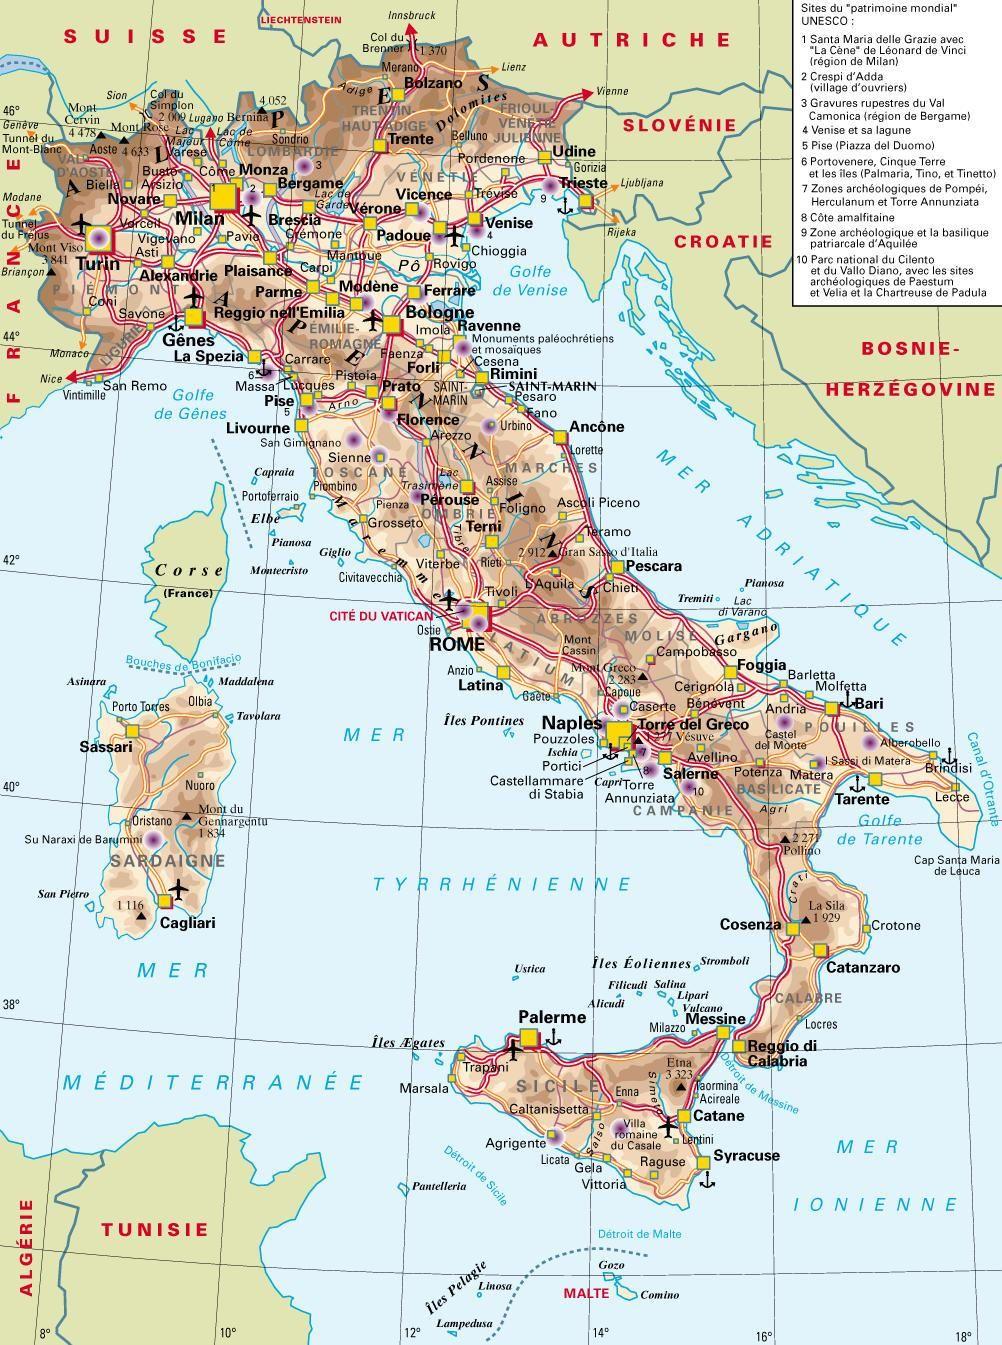 Carte Italie Tourisme.Carte Italie Plan D Italie L Italia Italien